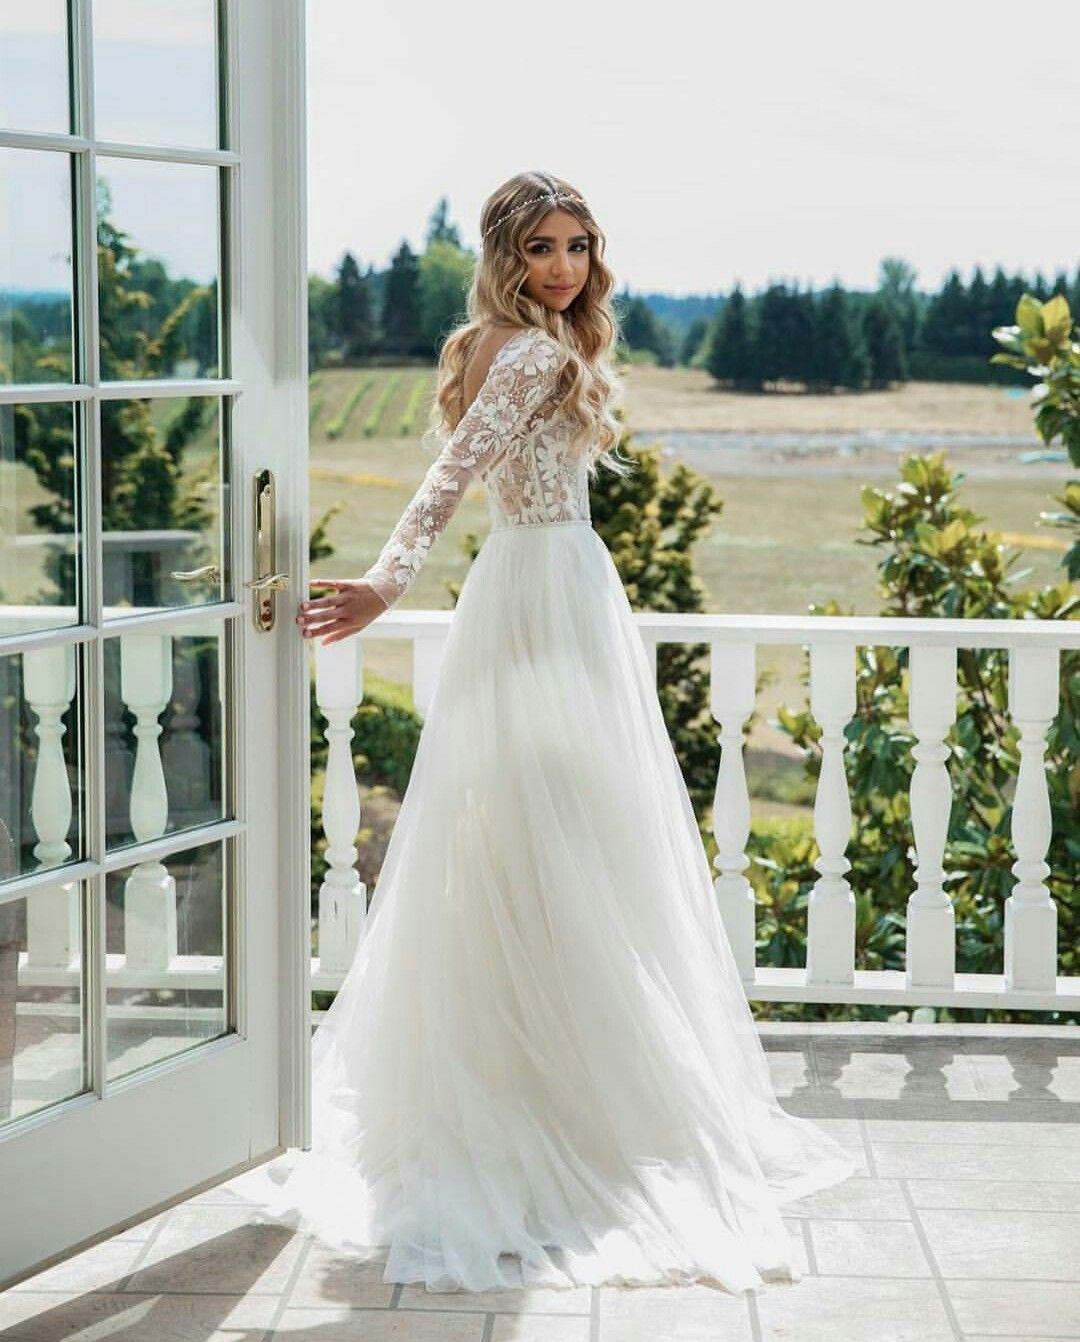 Pin By Grace On Vestidos De Novia Wedding Dress Long Sleeve Wedding Dresses Lace Long Wedding Dresses